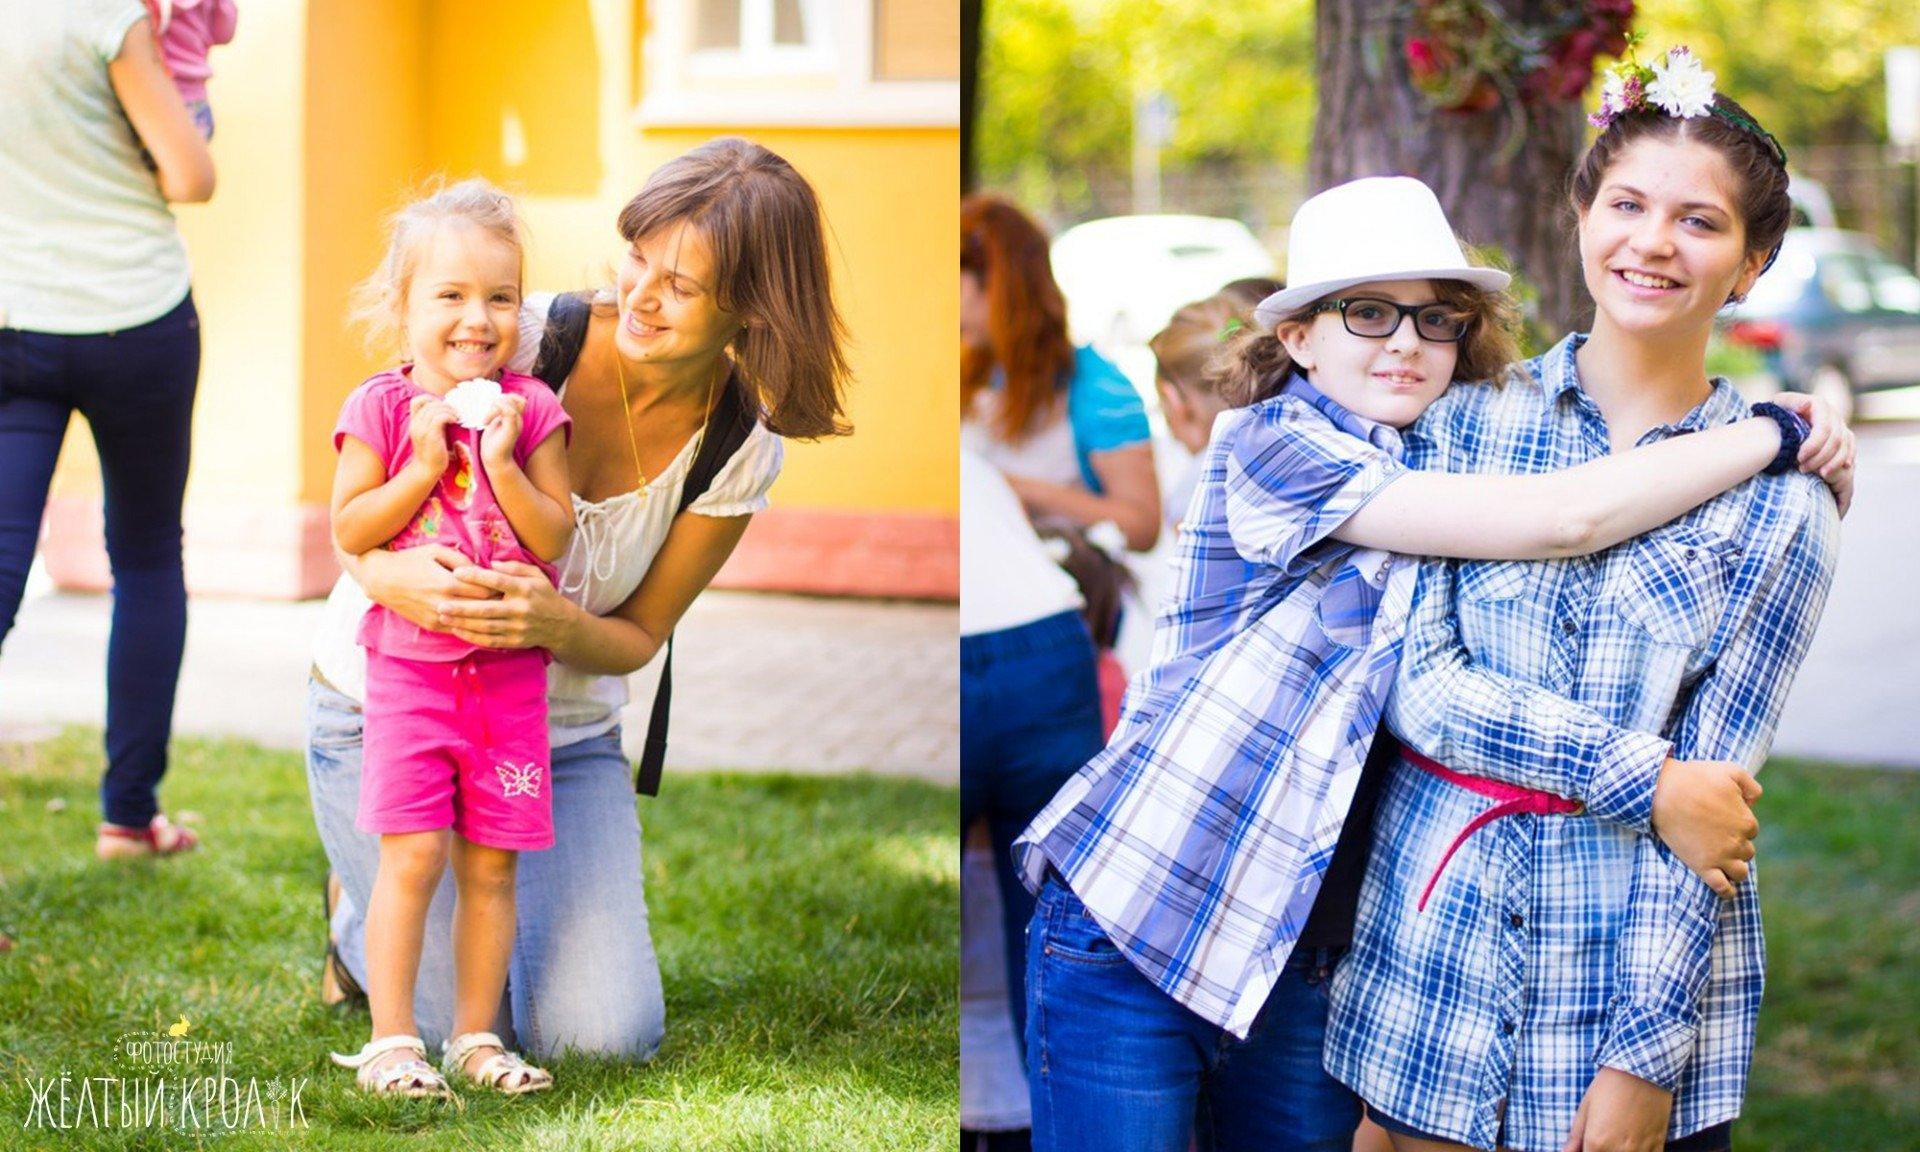 мама и дочка - репортажная фотосъемка в фотостудии желтый кролик